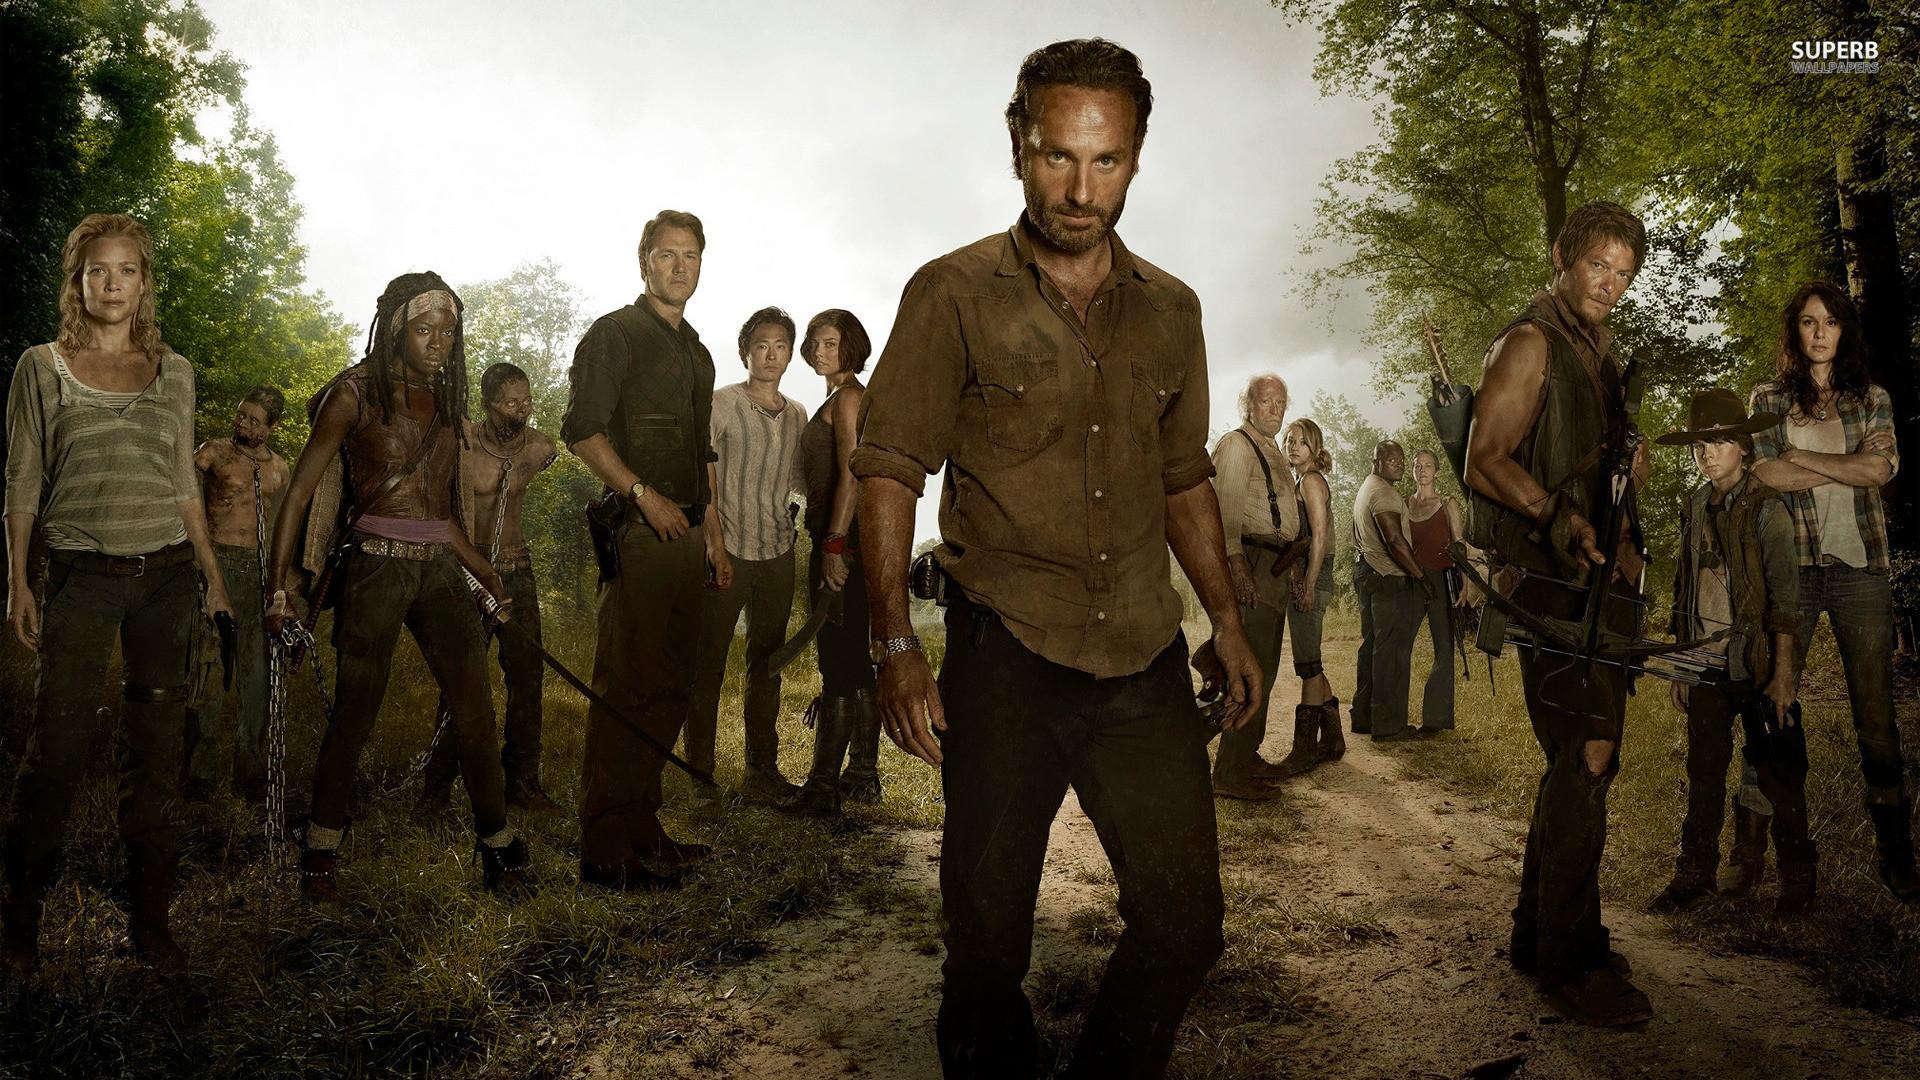 The Walking Dead Wallpaper | The Walking Dead – Wallpaper – Rick Grimes by  RealFinnou on DeviantArt | Pinterest | Rick grimes, Wallpaper and deviantART